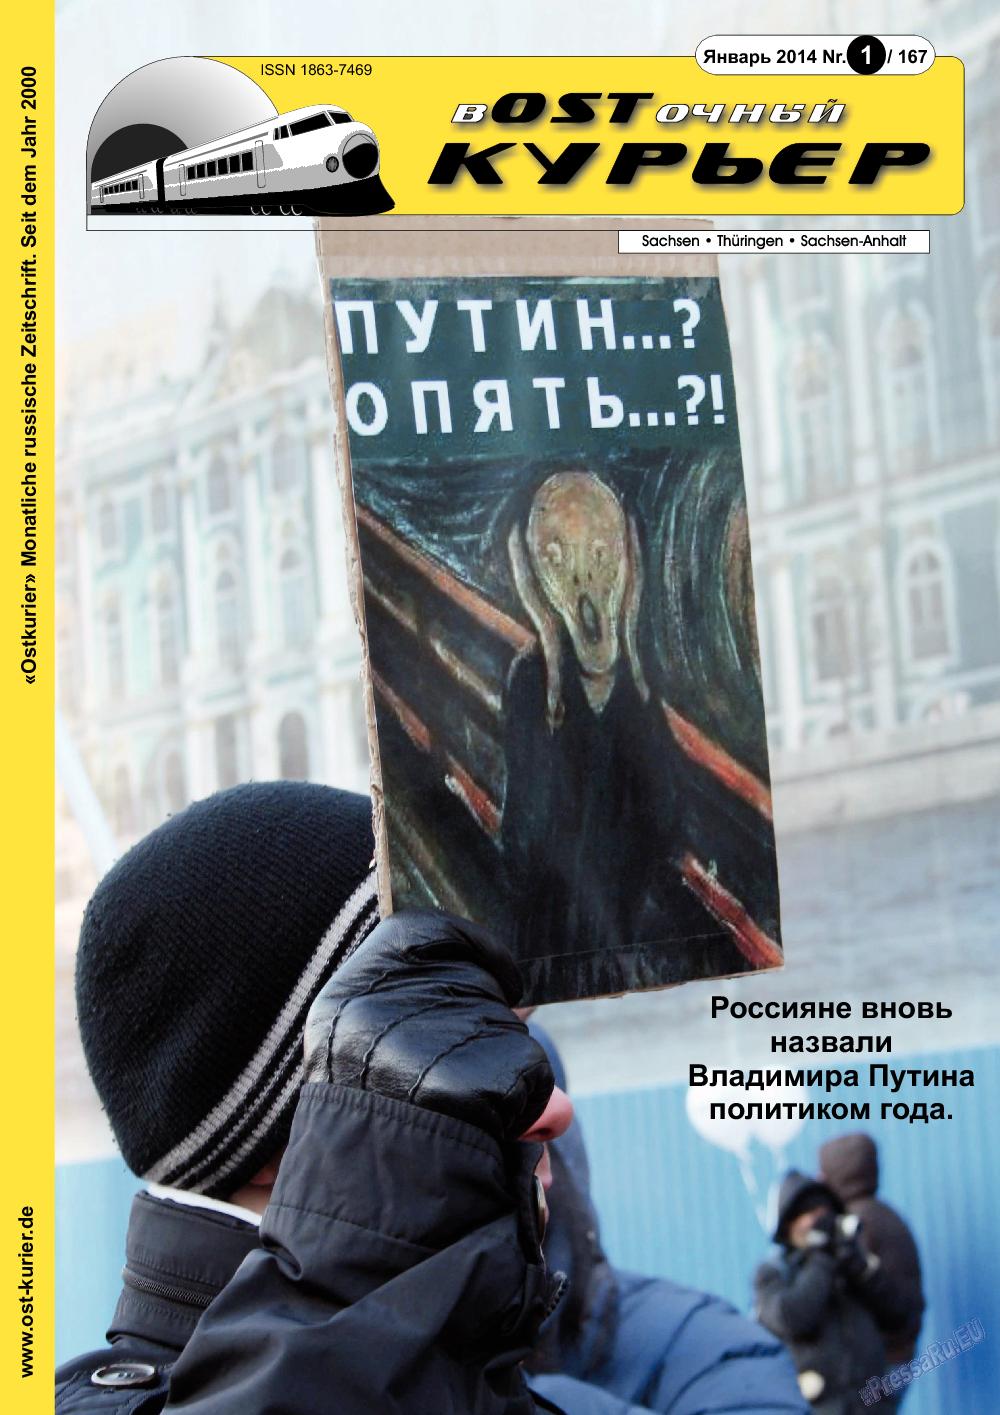 Восточный курьер (журнал). 2014 год, номер 1, стр. 1